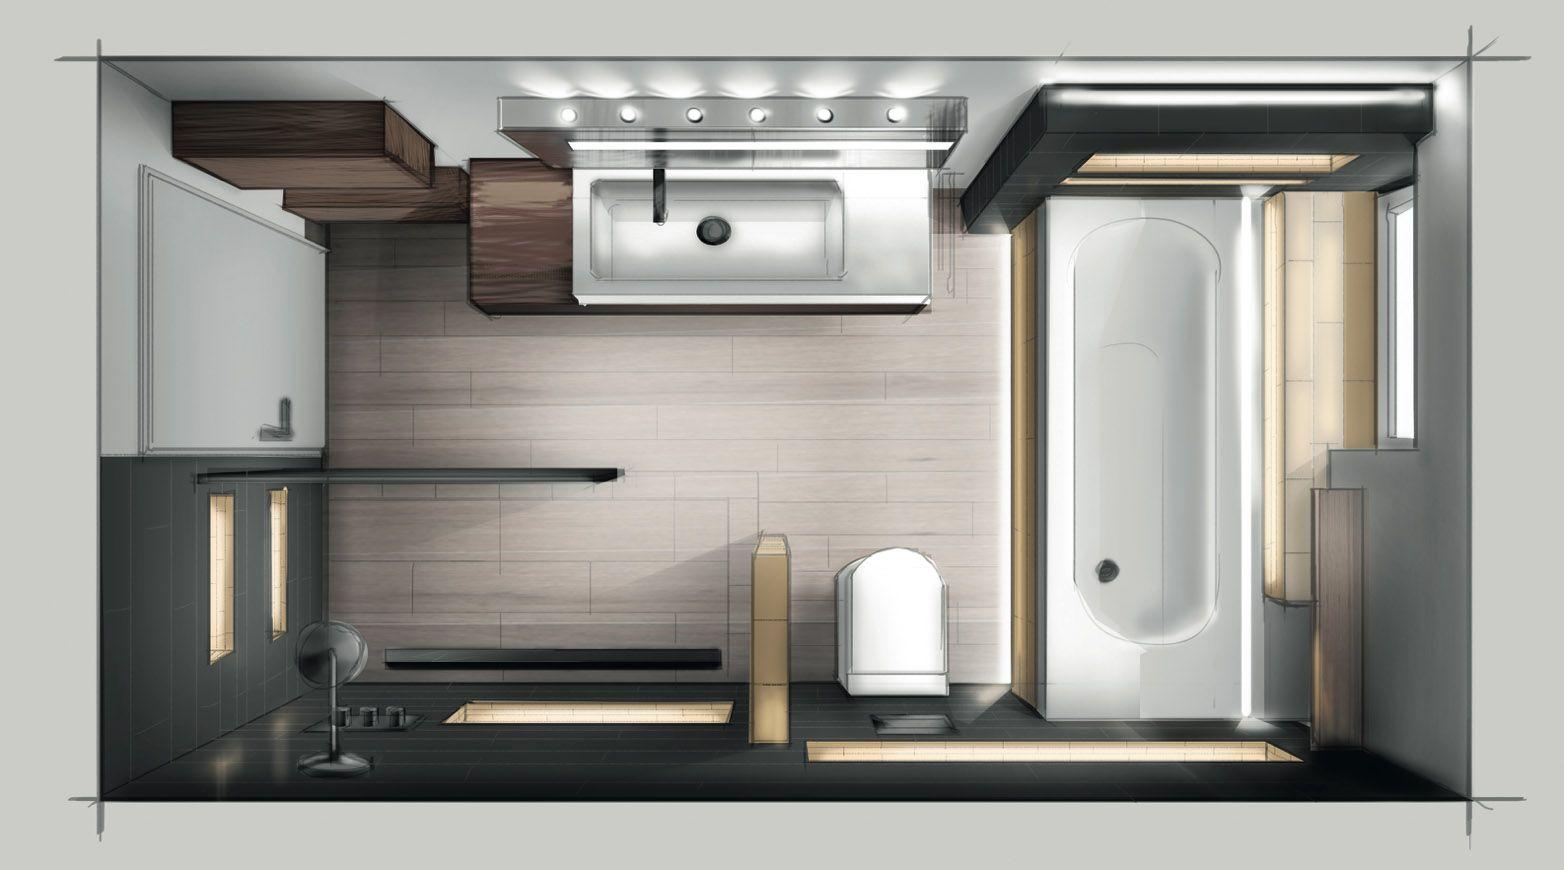 Pin Von Kim Rewijk Auf Badkamer Wohnraumgestaltung Badezimmer Bad Inspiration